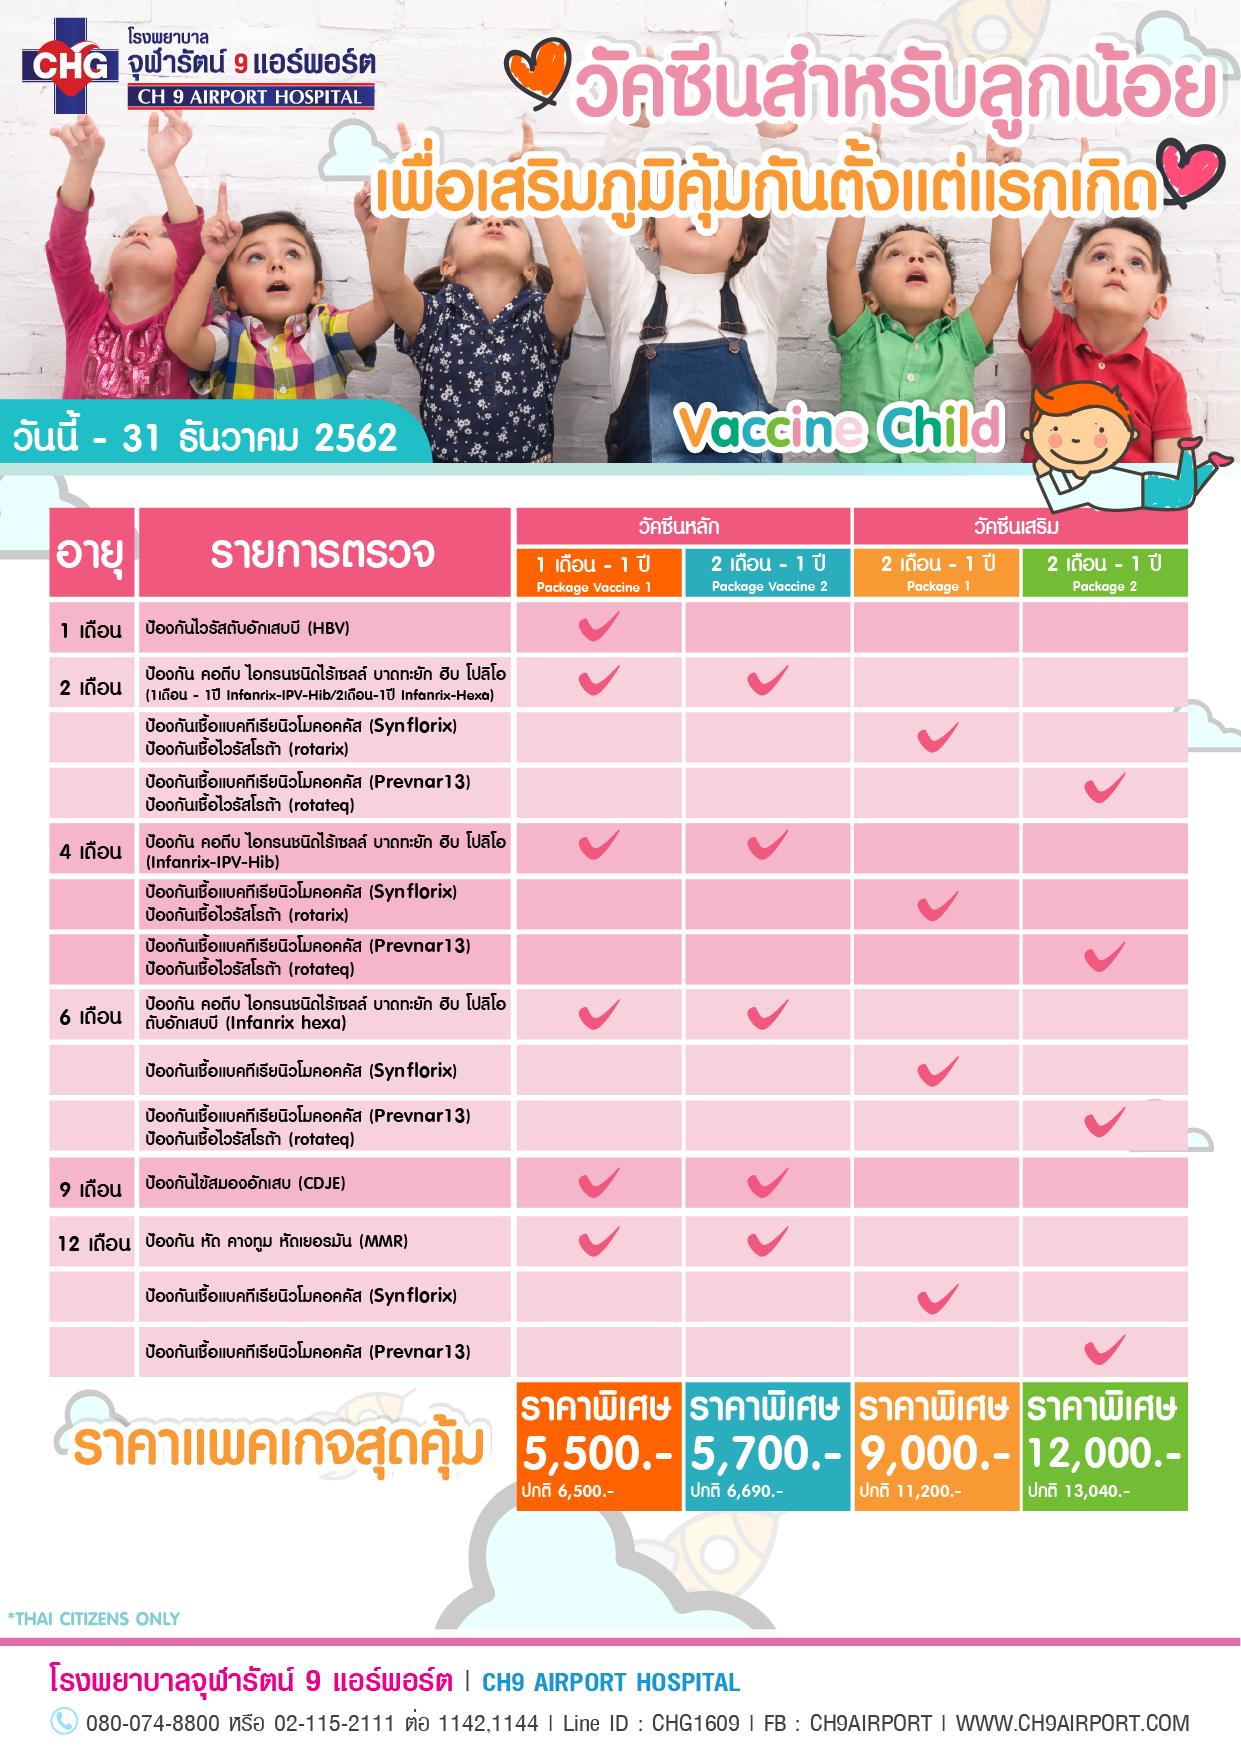 วัคซีนเด็ก รวมแพคเกจA5-01